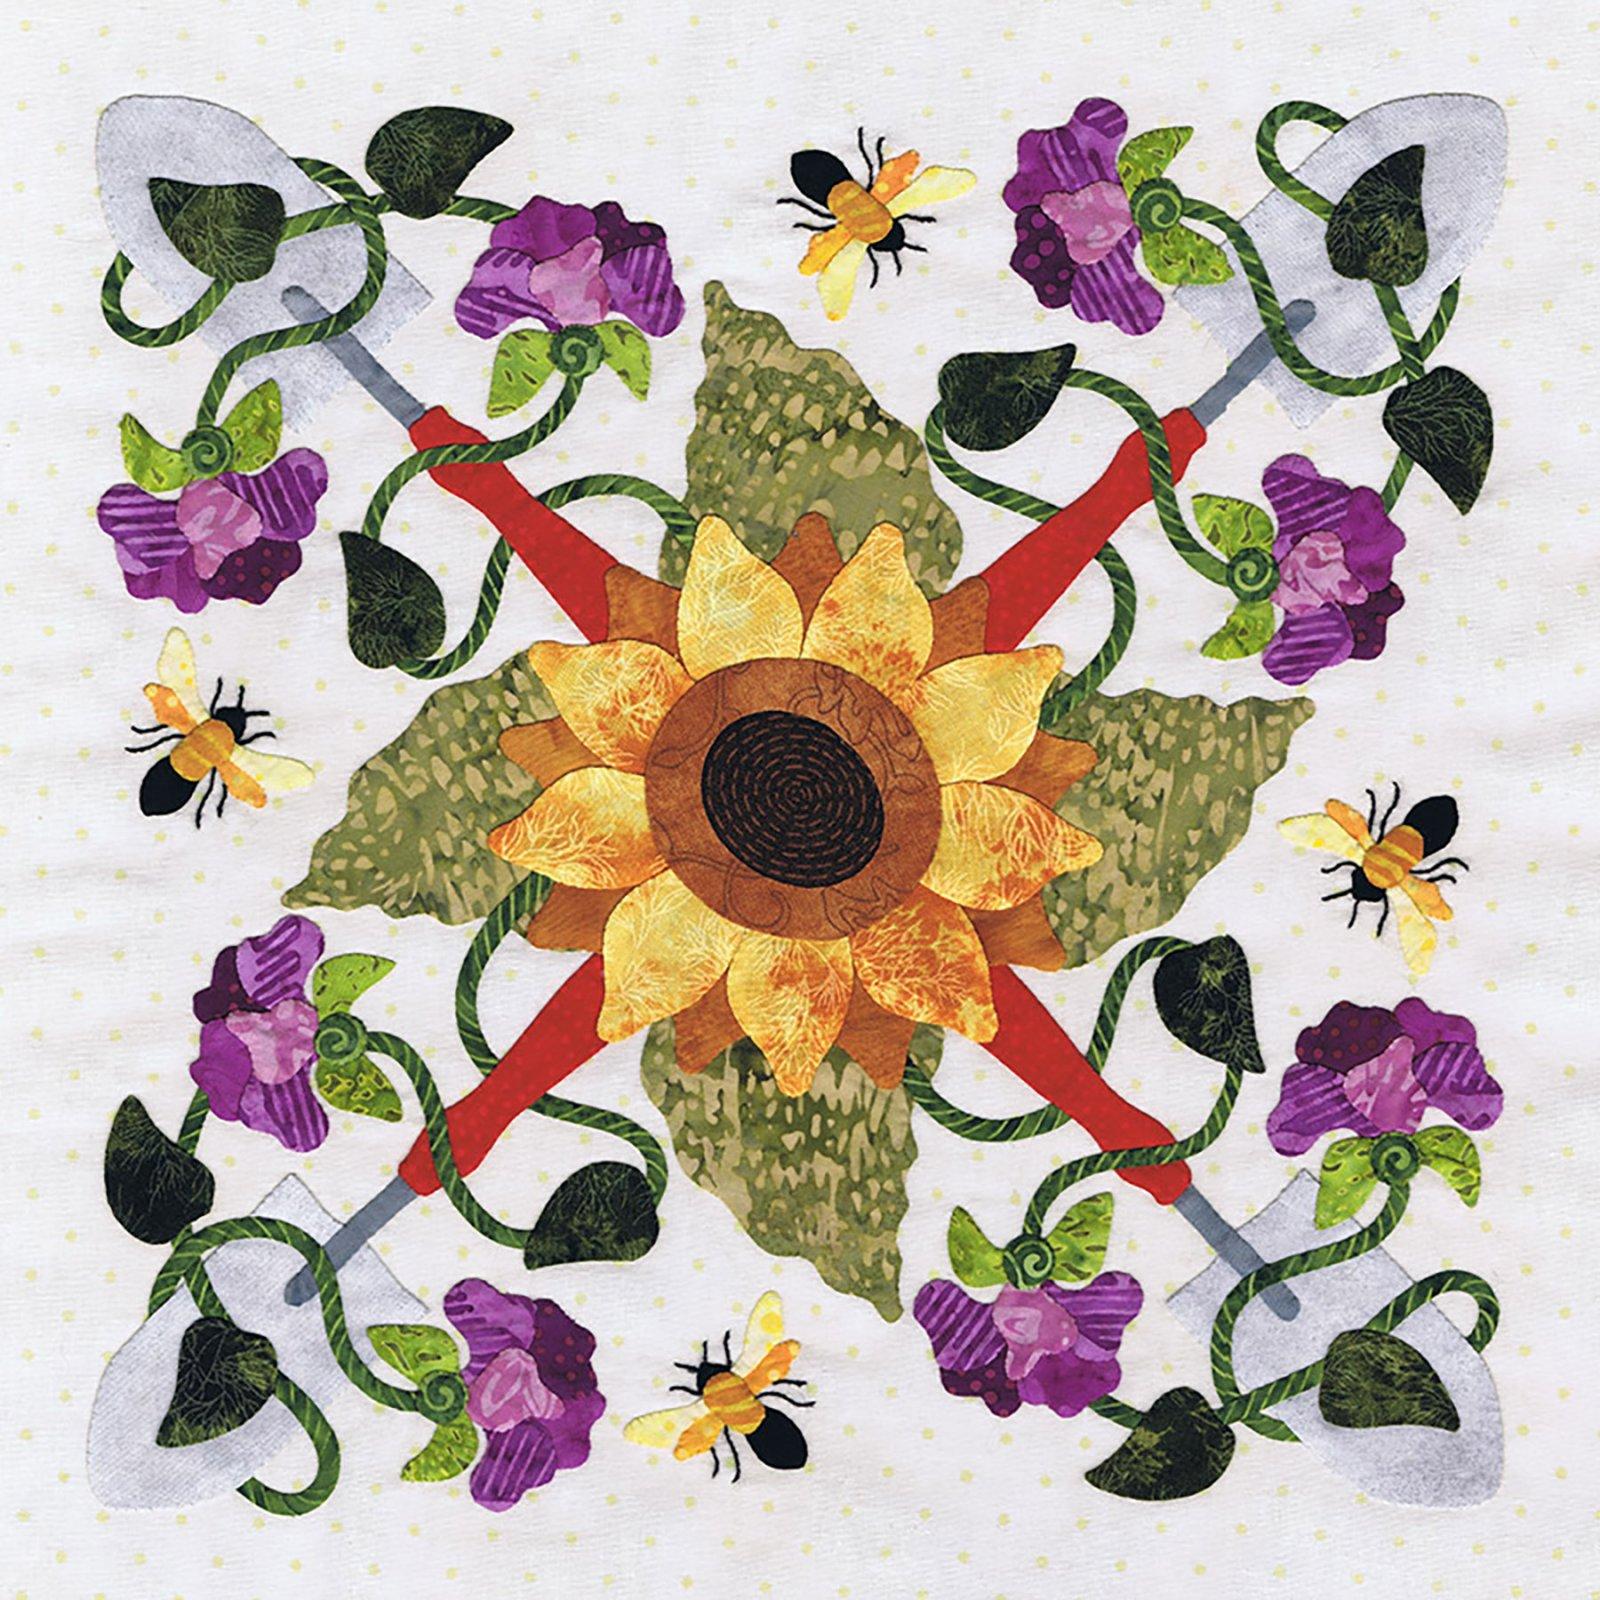 P3-2205 Sunflower Wreath